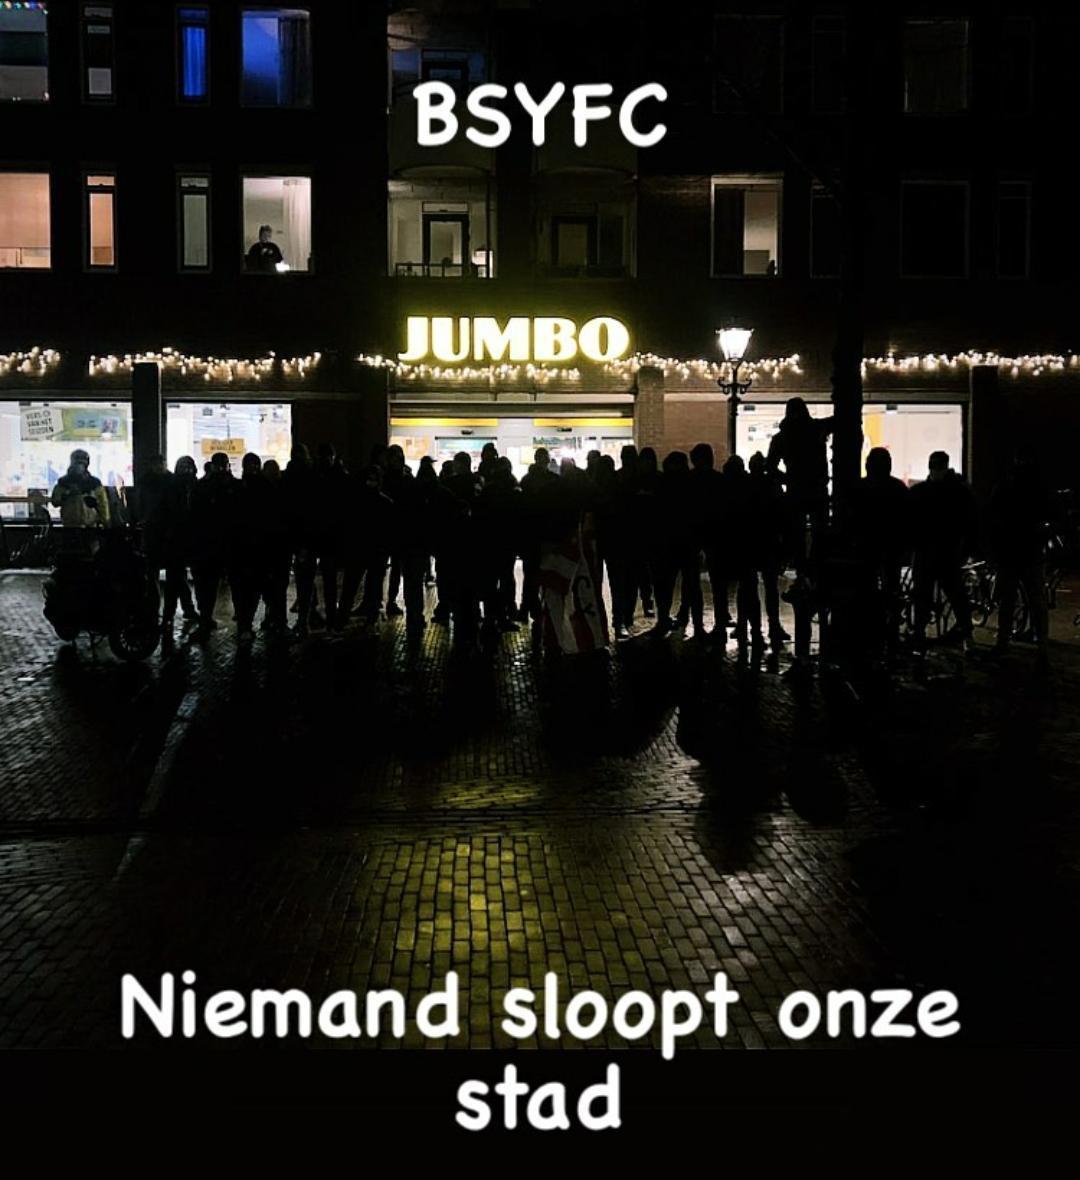 Onlusten in Alkmaar blijven uit. De Ben Side Youth van AZ stond klaar om plunderaars een warm onthaal te geven. 'Niemand sloopt onze stad' [video]